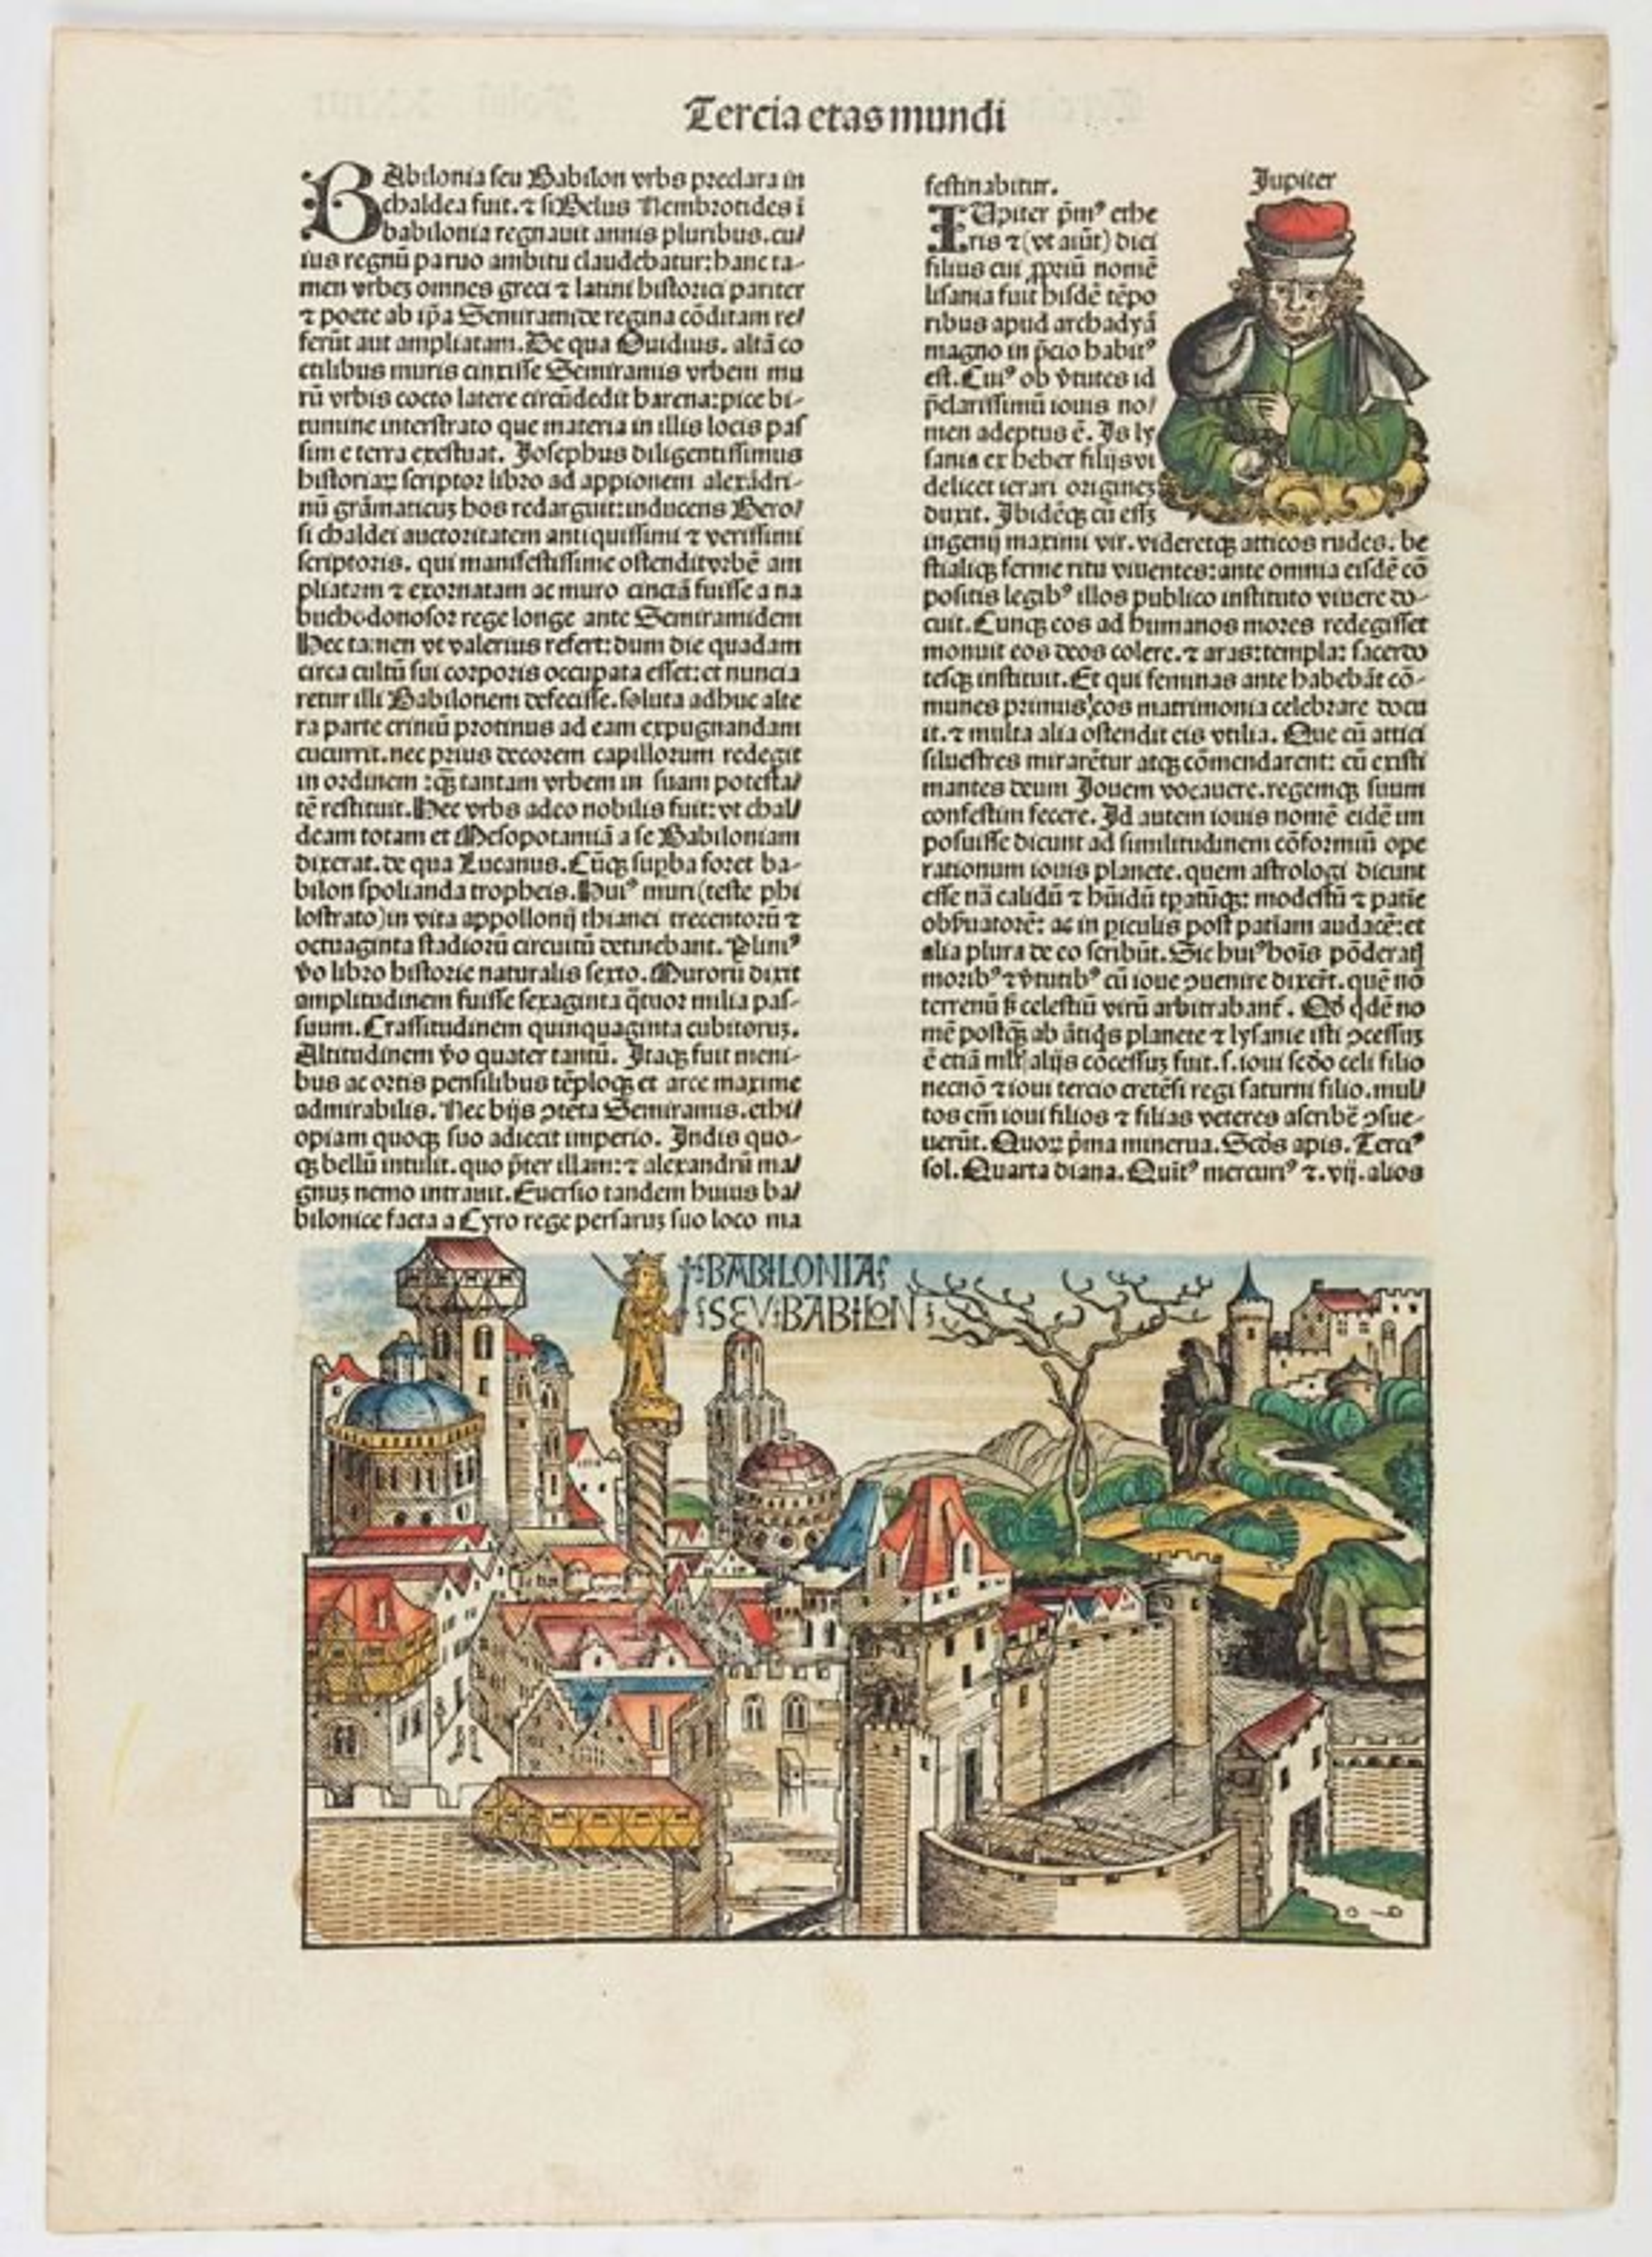 SCHEDEL, H. -  Babilonias. [Babylon] - Tercia Etas Mundi. Folium. XXIIII